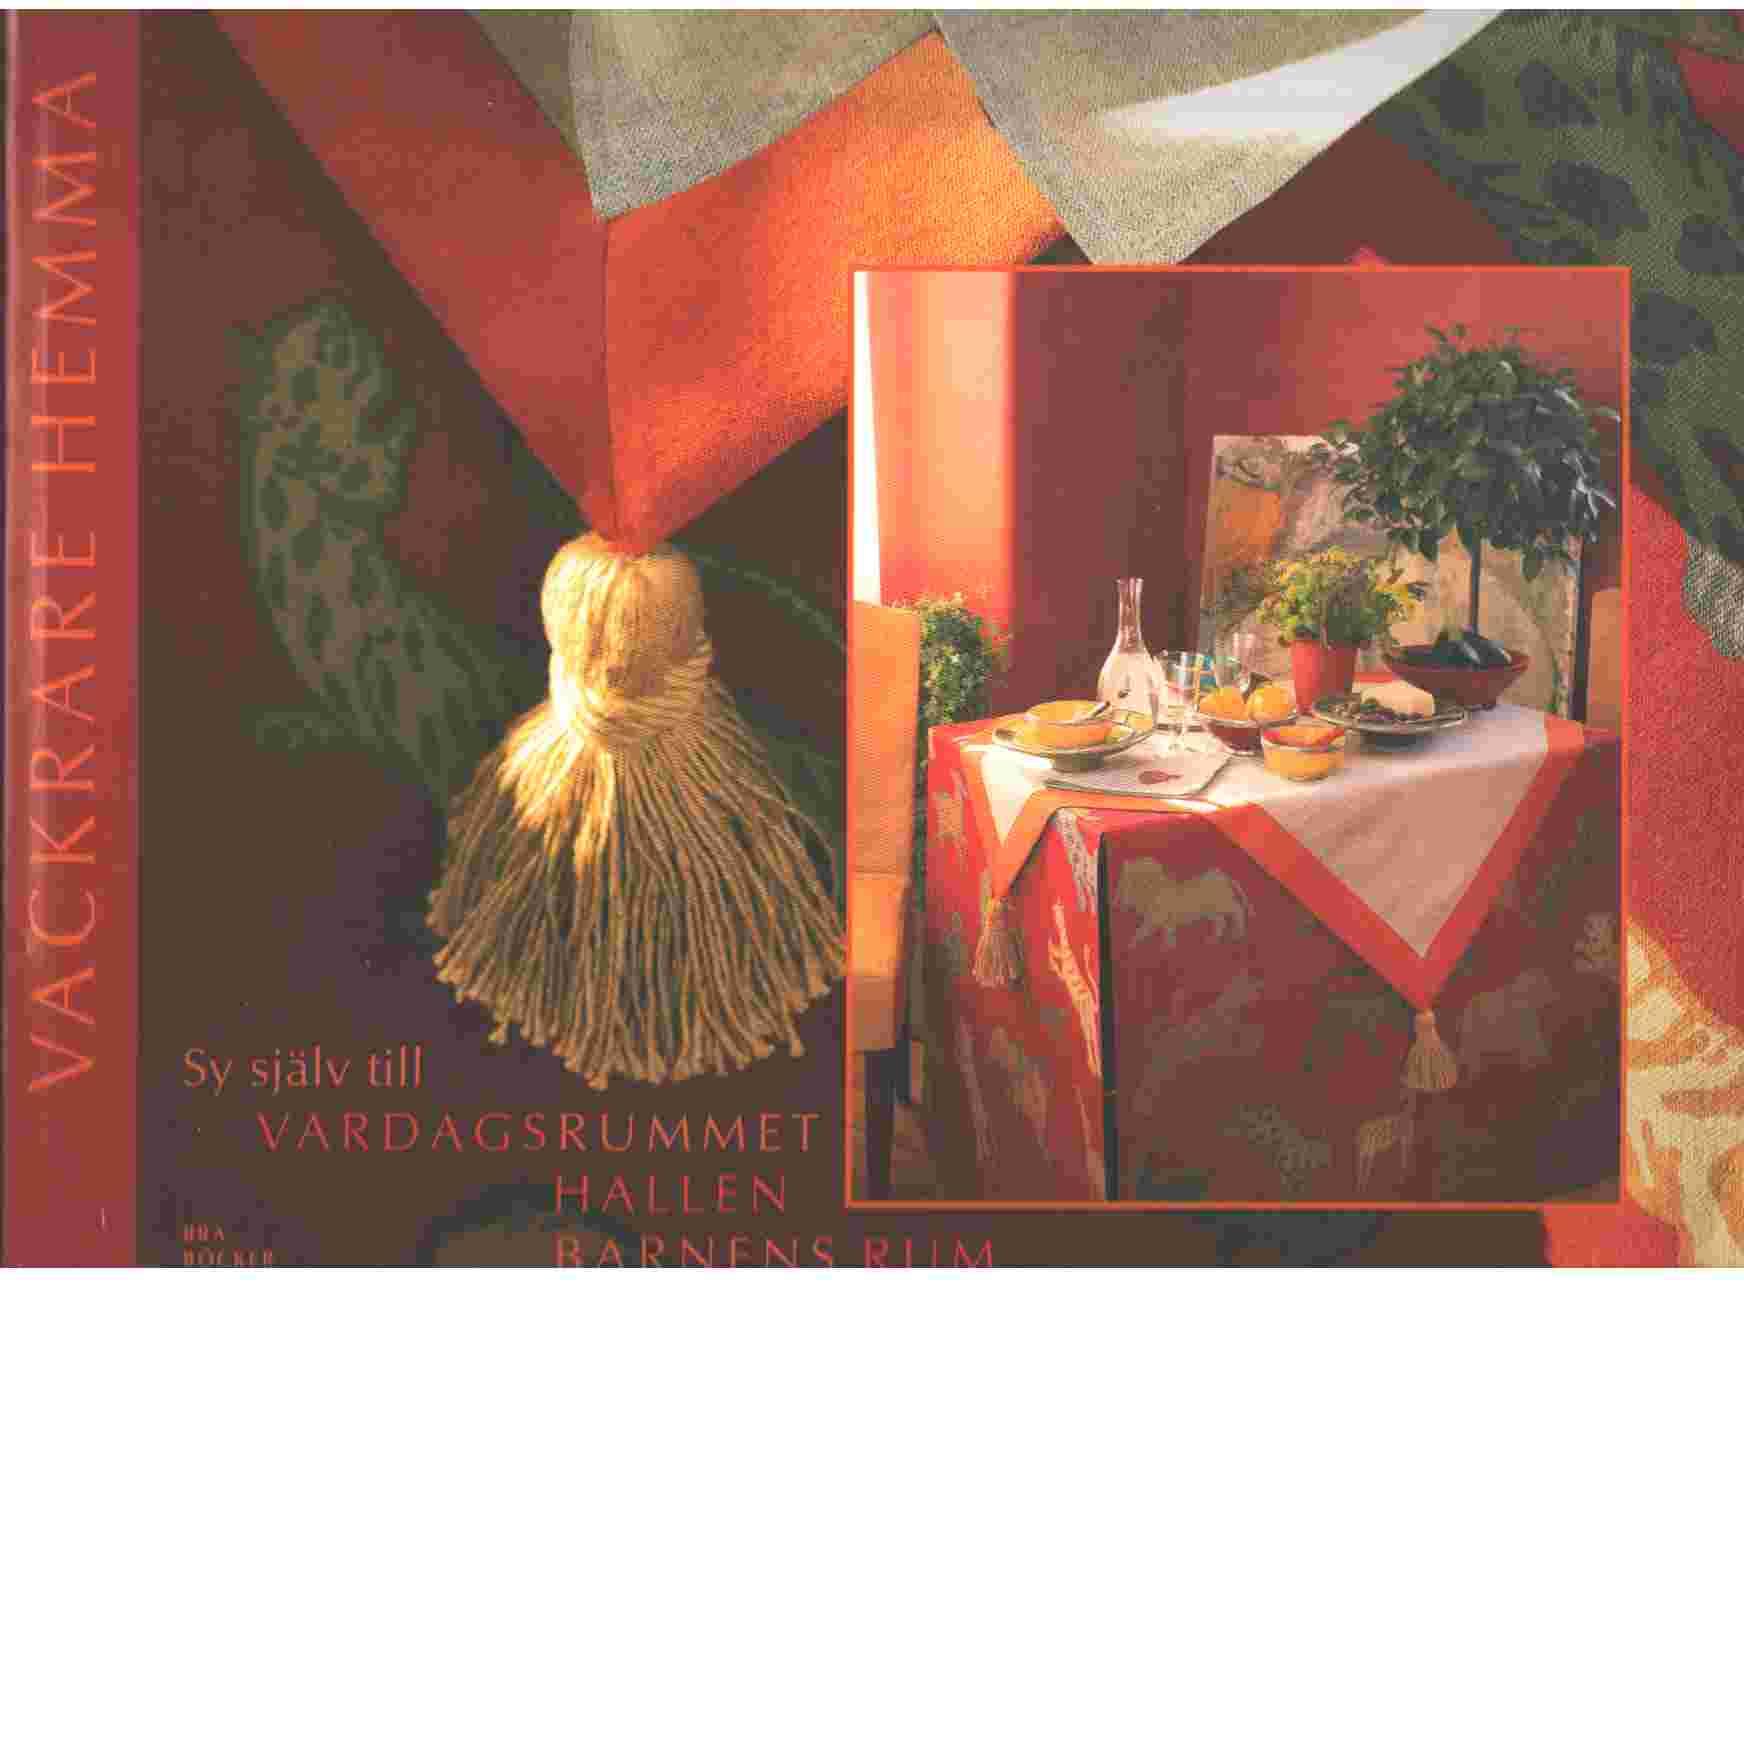 Vackrare hemma : sy själv till vardagsrummet, hallen, barnens rum - Bergendorff, Chris